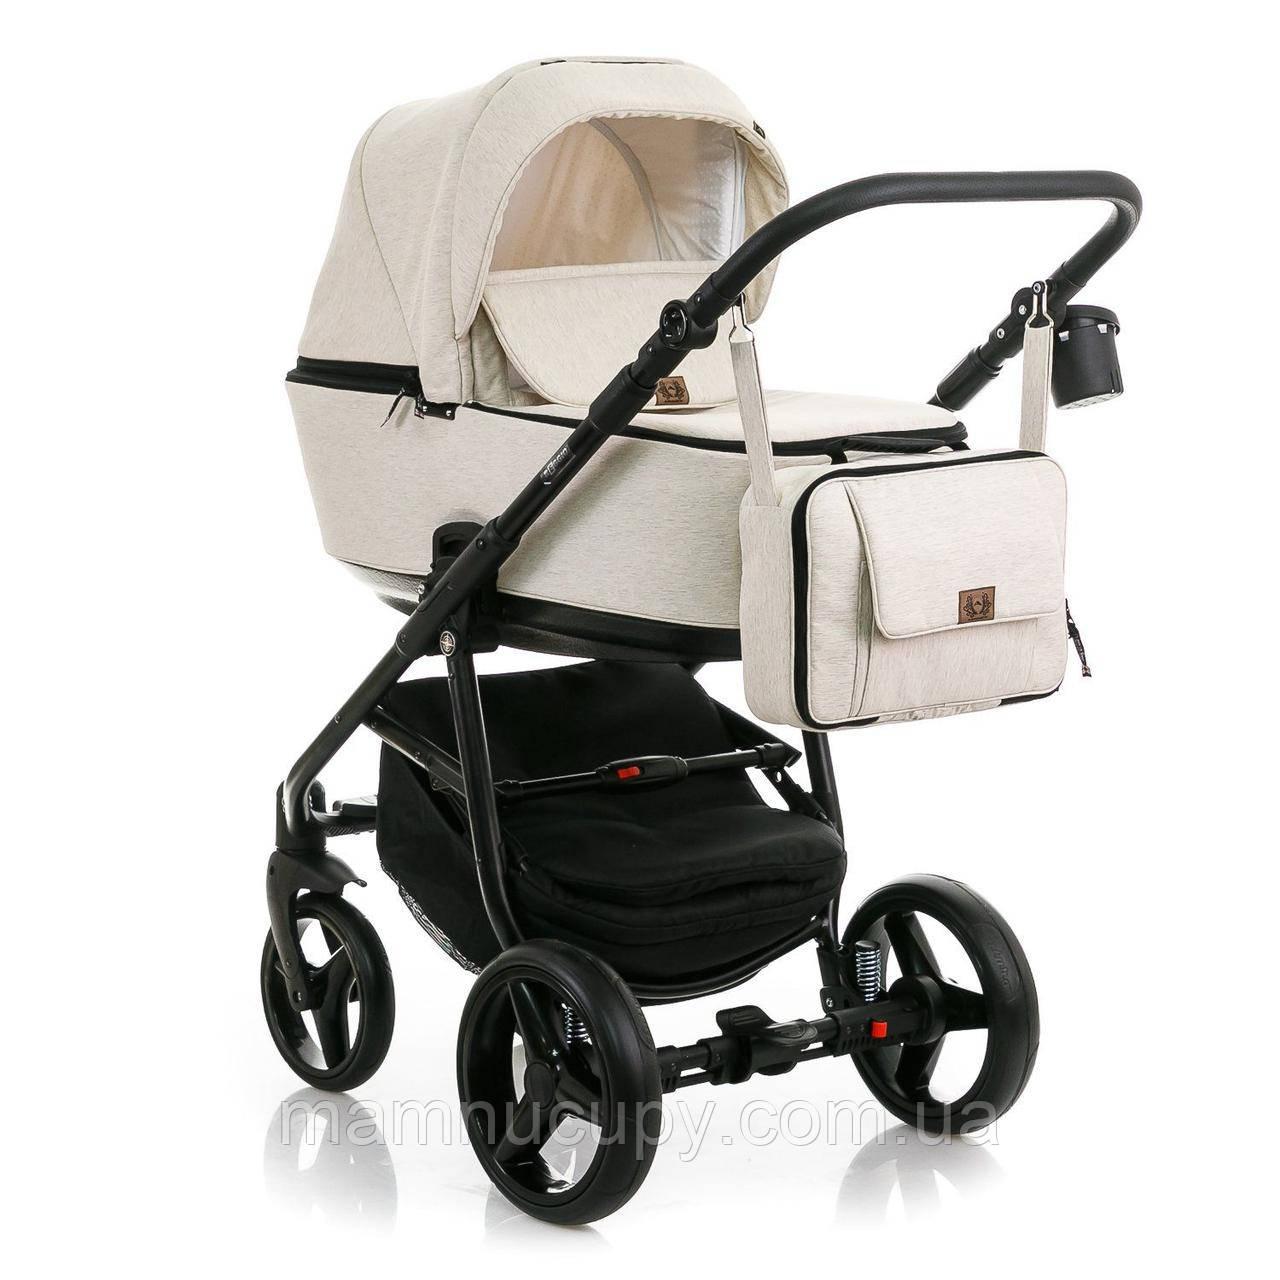 Детская универсальная коляска 2 в 1 Adamex Reggio Y7 (адамекс реджио)